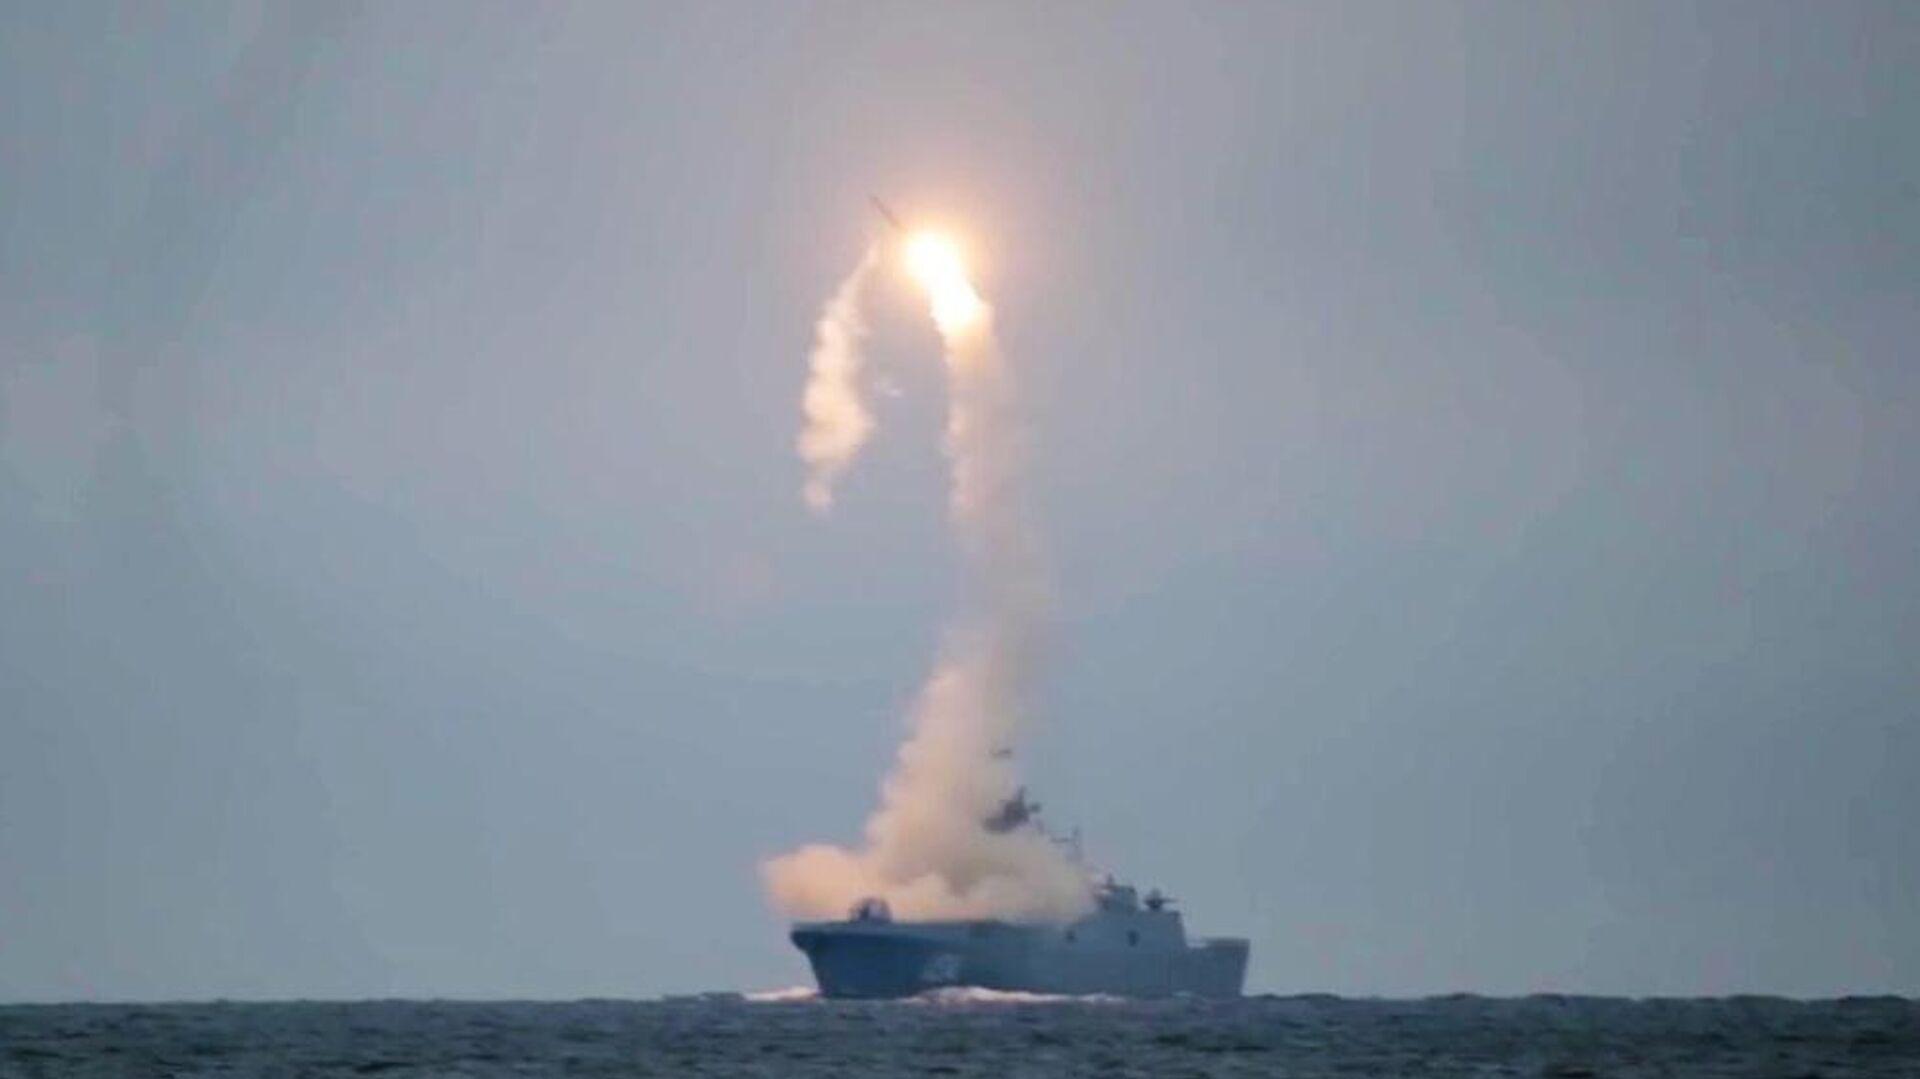 Первый запуск гиперзвуковой ракеты Циркон с фрегата Адмирал Горшков в Белом море по морской цели в Баренцевом море - РИА Новости, 1920, 09.11.2020